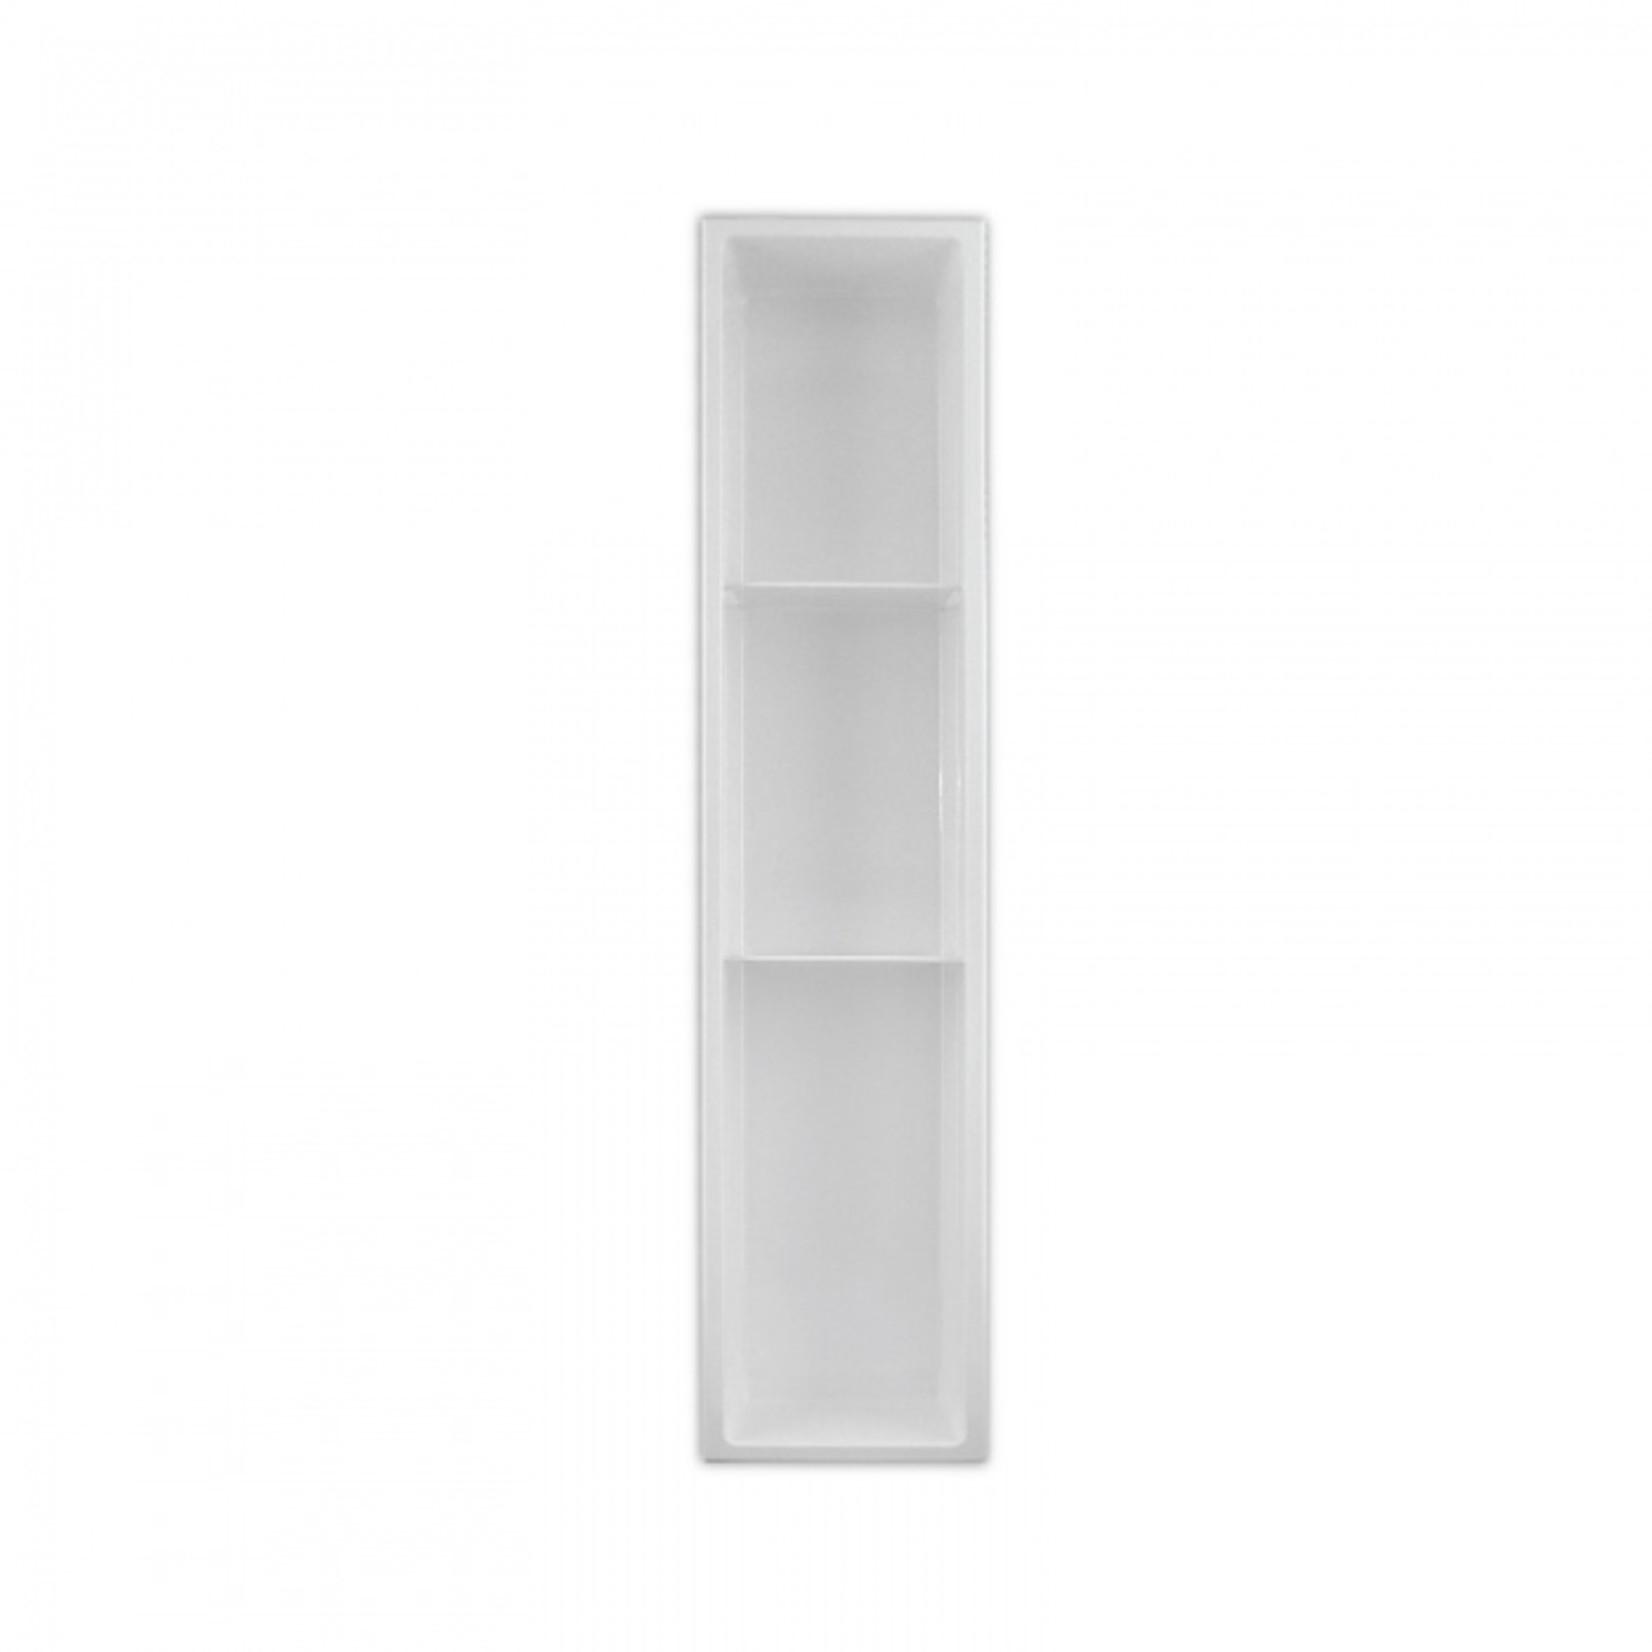 Wall niche with 2 shelves 36x8 White Nautika NI368TW